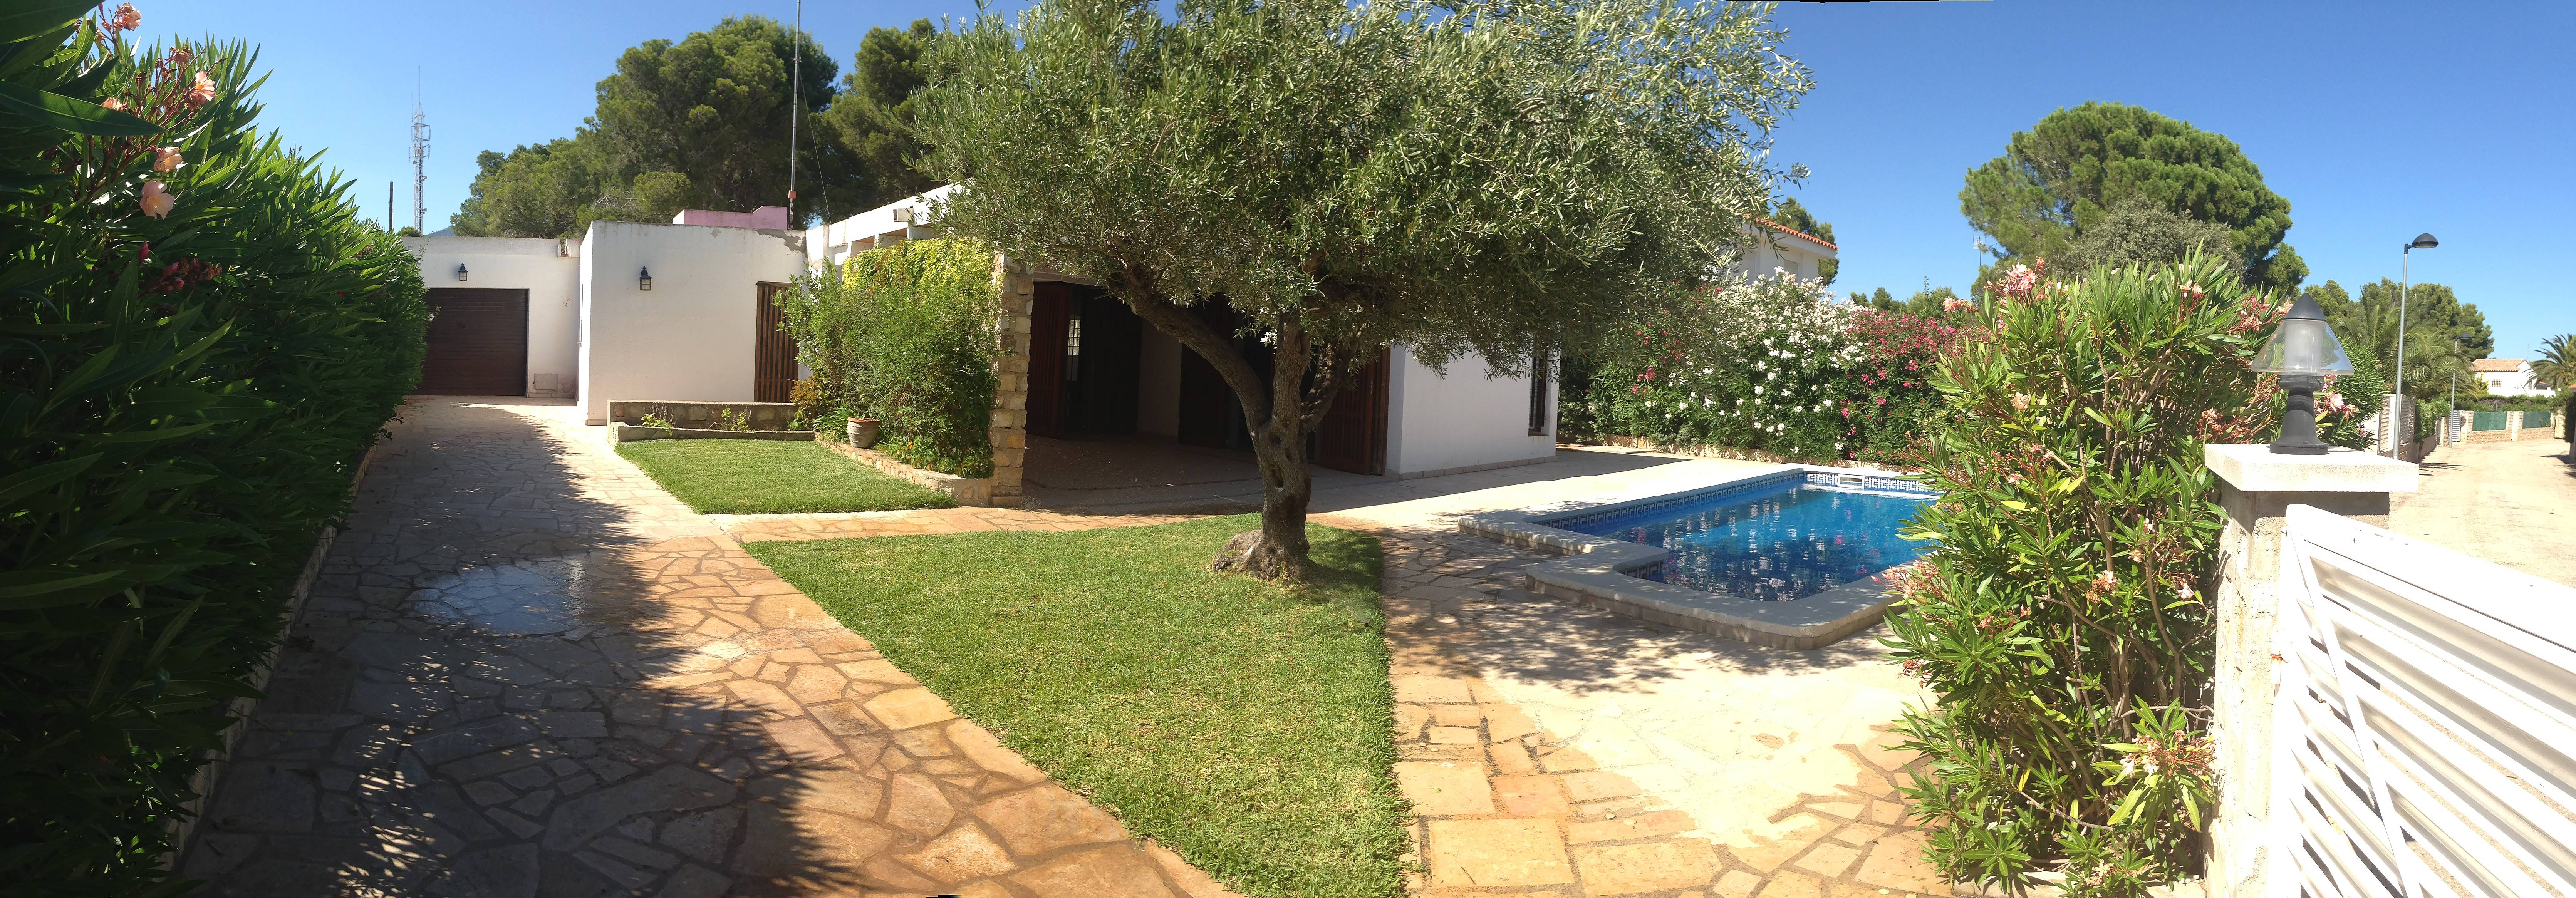 Villa con jard n y piscina muy cerca de la playa for Piscina y jardin 2002 s l